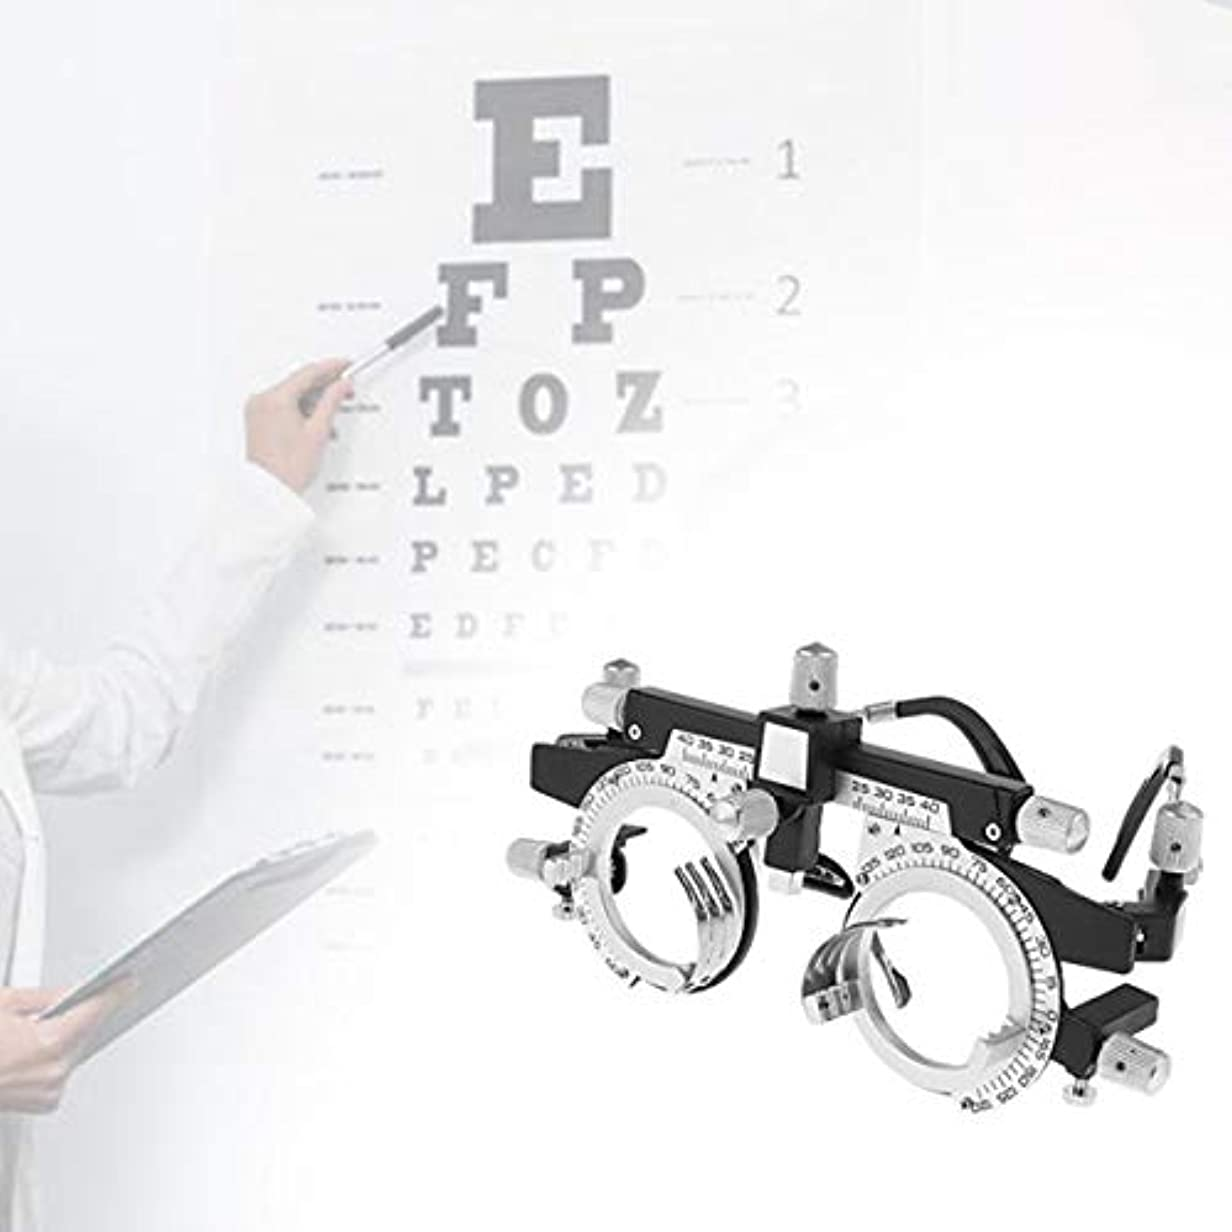 硫黄アマゾンジャングル無し調整可能なプロフェッショナルアイウェア検眼メタルフレームオプティカルオプティクストライアルレンズメタルフレームPDメガネアクセサリーメタルフレーム